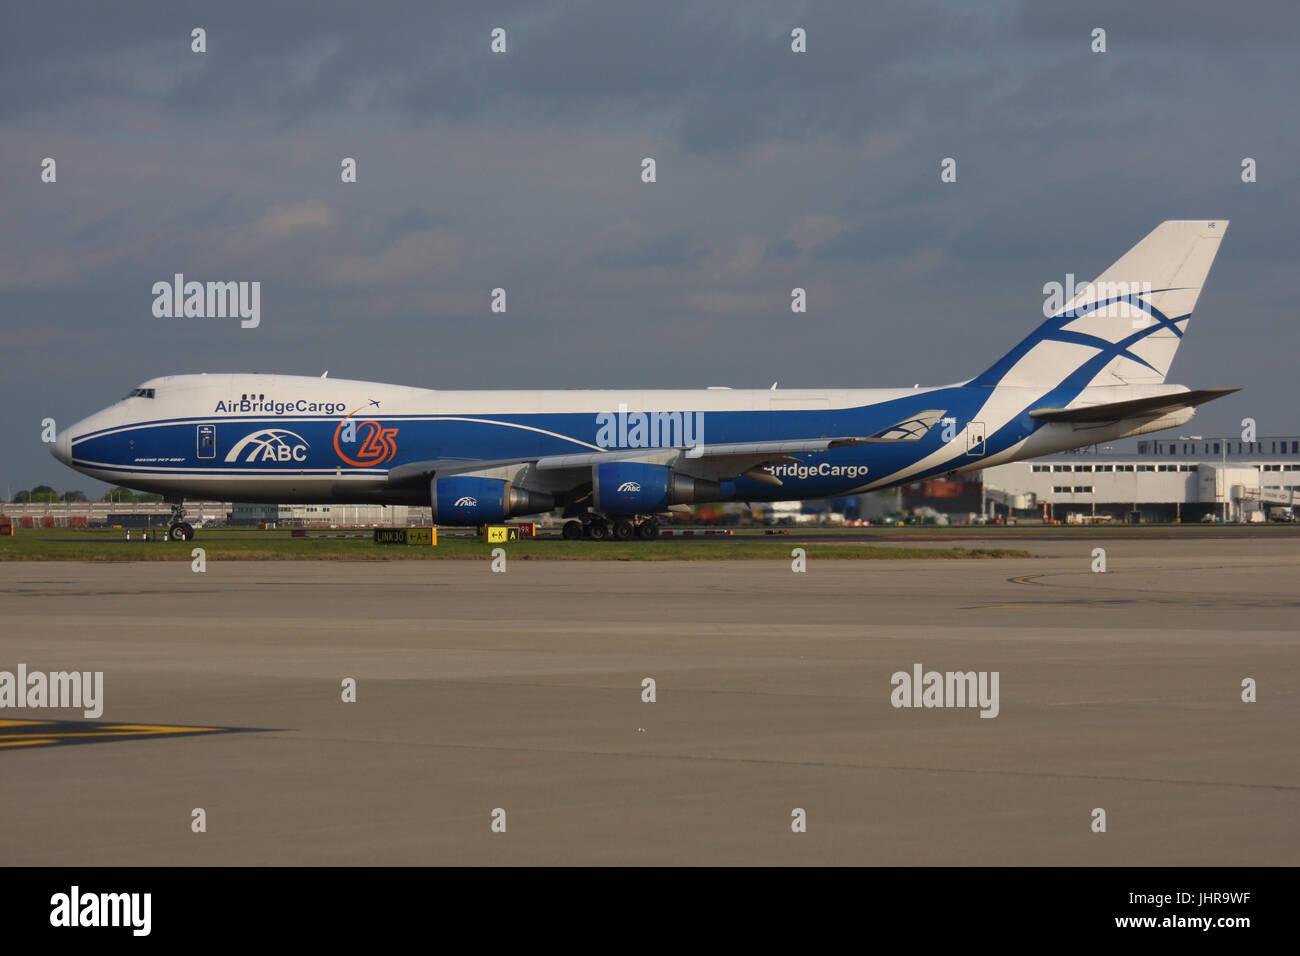 BOEING 747 AIR BRIDGE CARGO - Stock Image